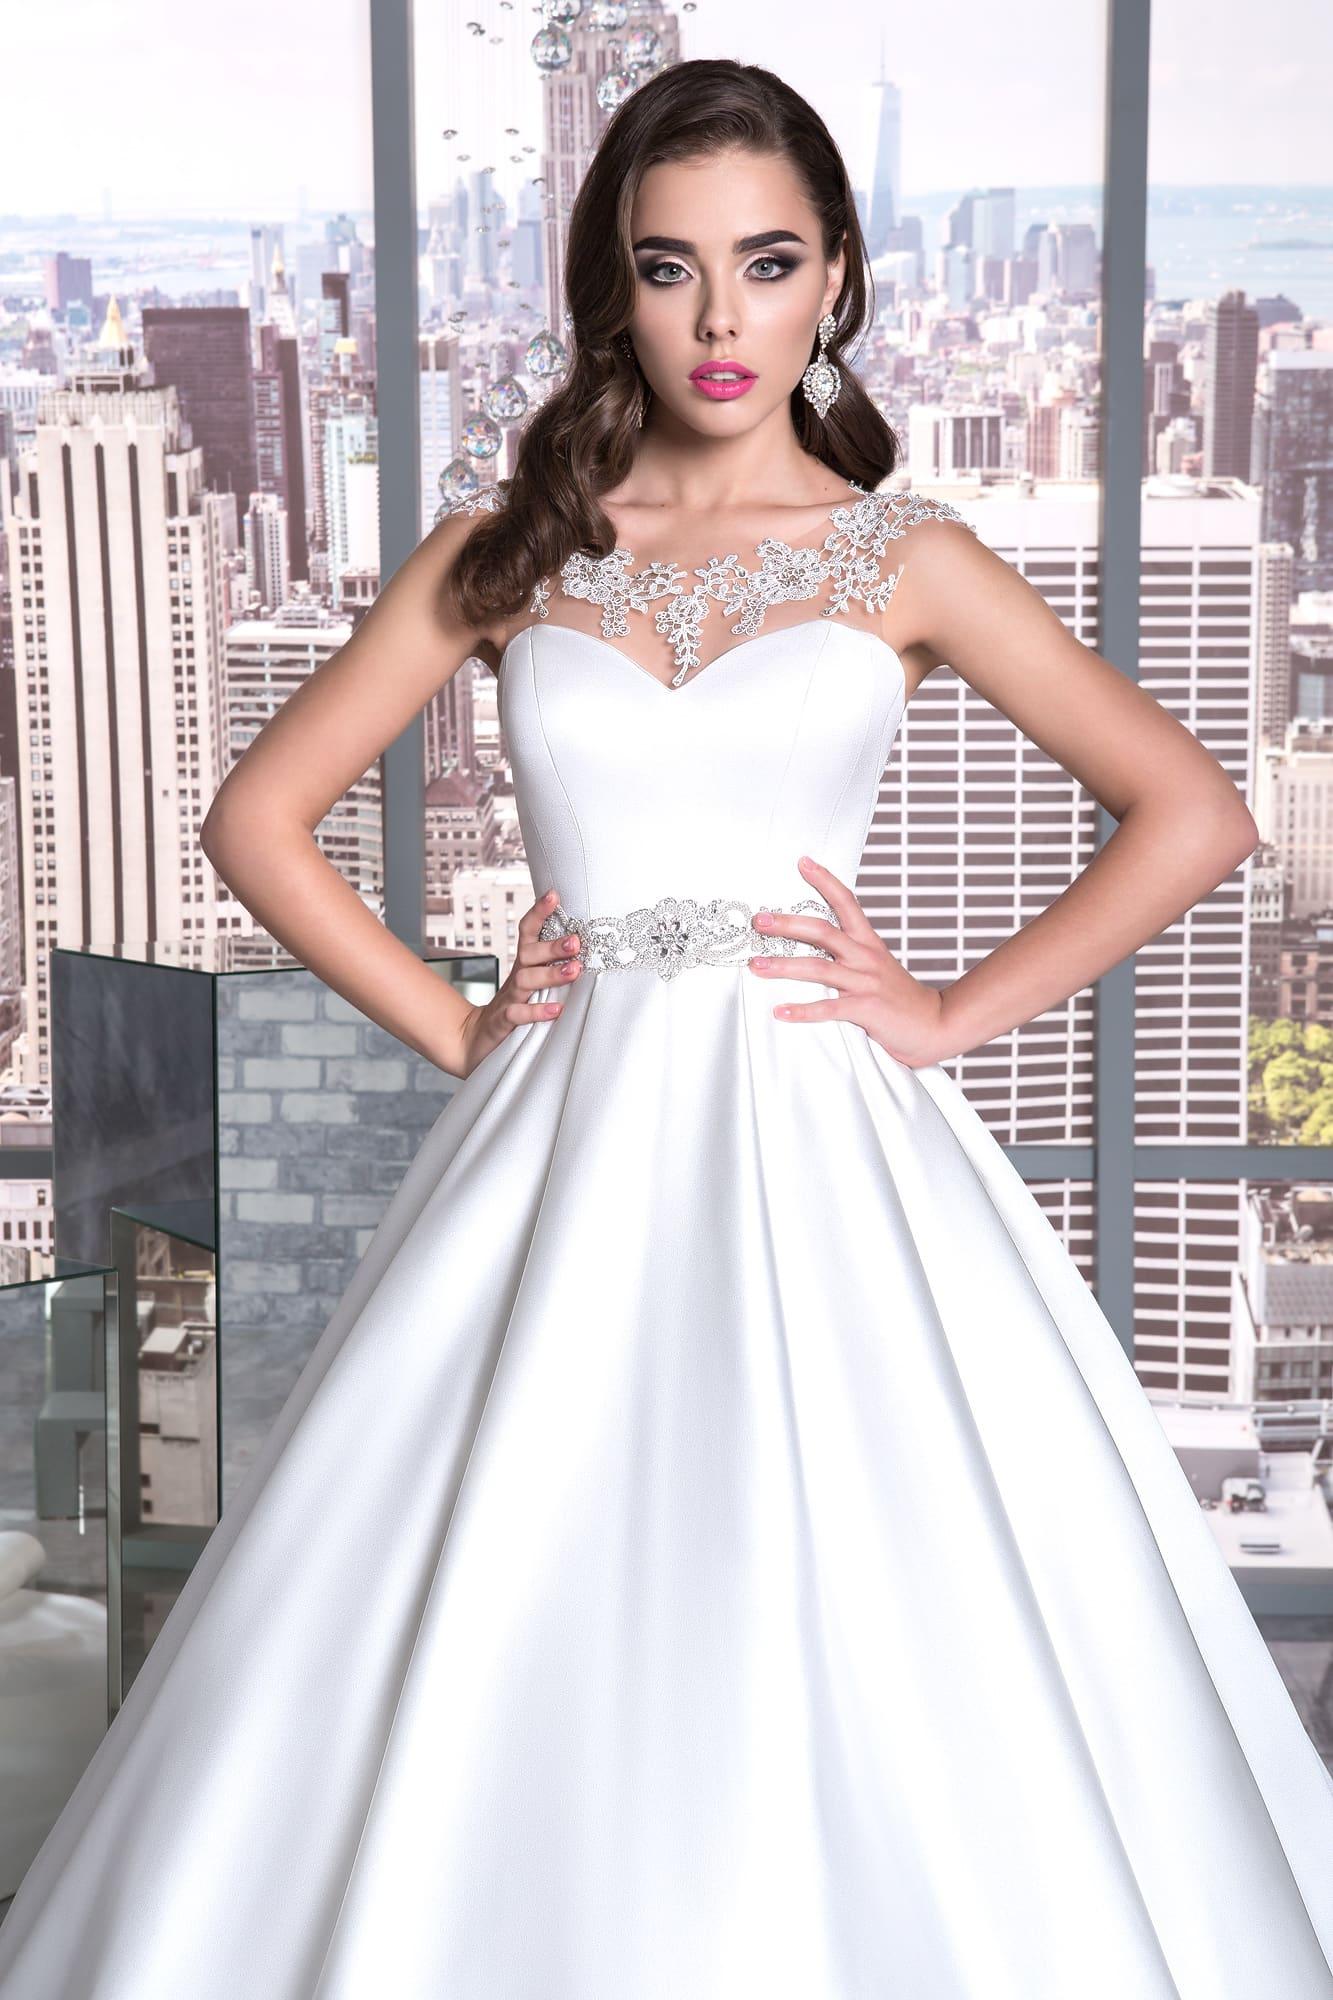 Атласное свадебное платье «принцесса» с кружевной отделкой над лифом в форме сердца.